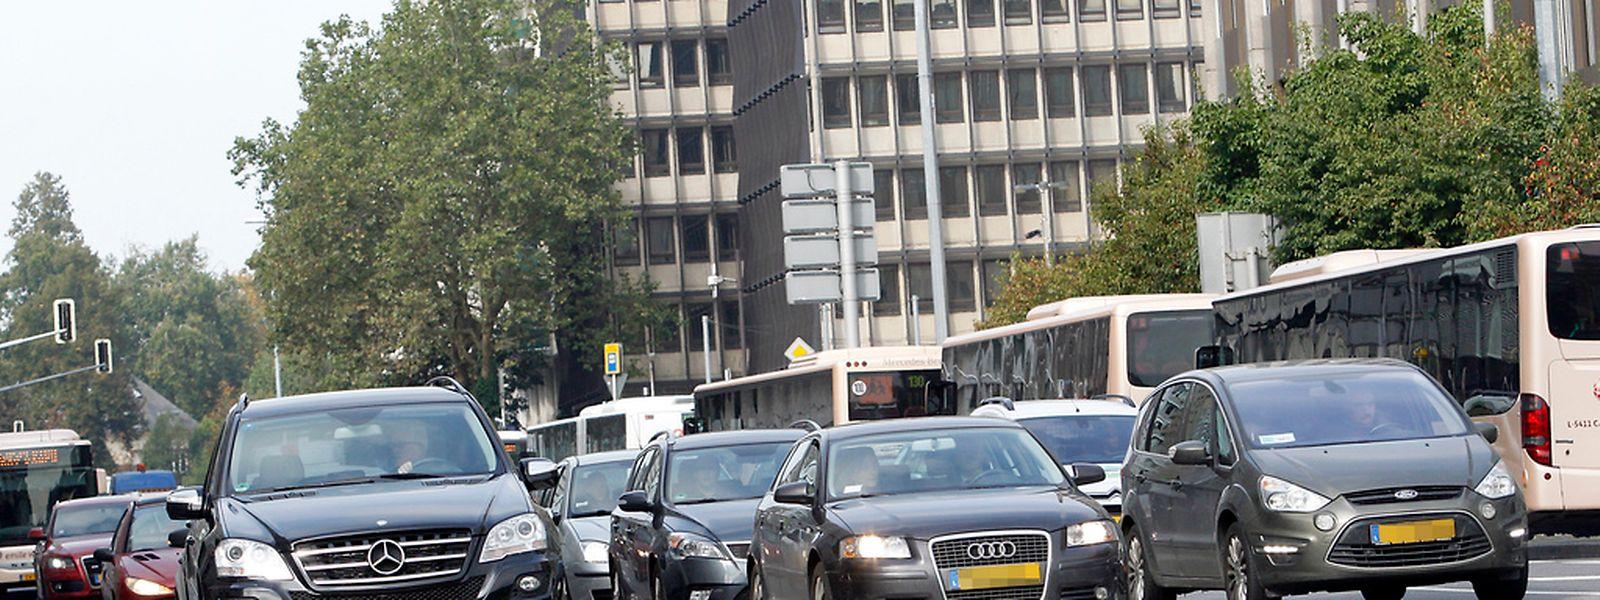 Viele Grenzgänger, die im Großherzogtum arbeiten, nehmen ihren Dienstwagen mit nach Hause und nutzen das Auto auch in der Freizeit.